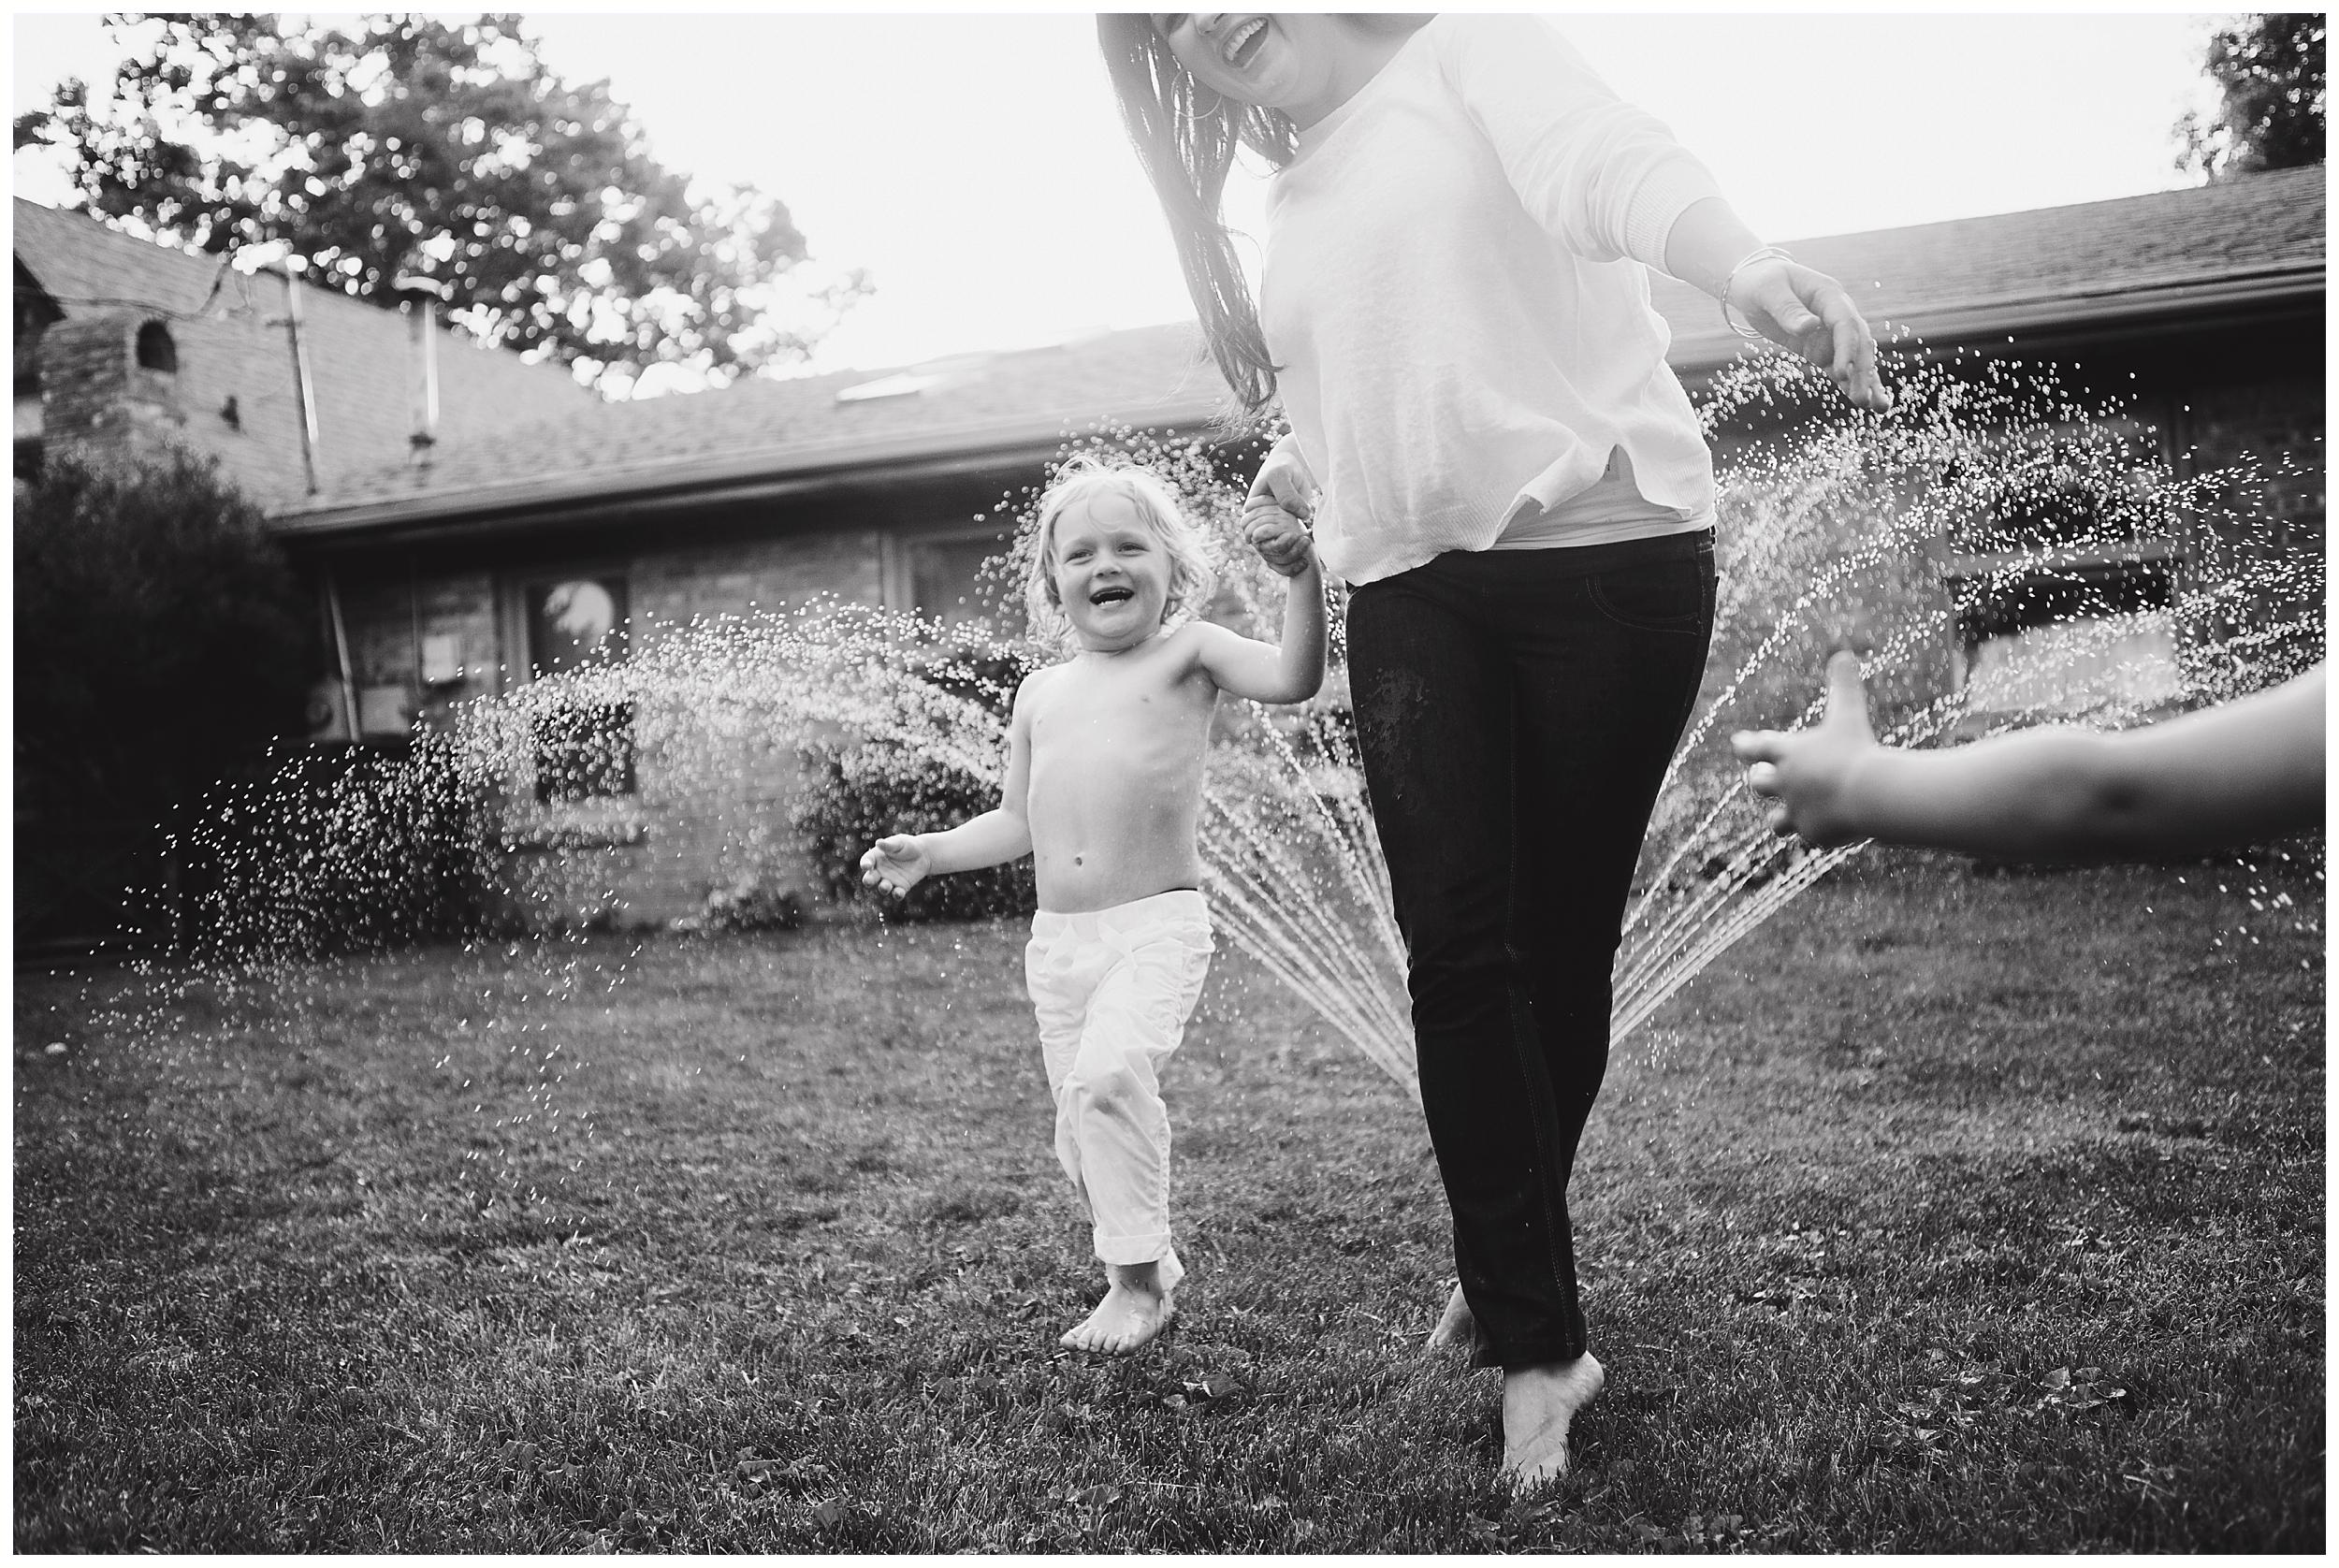 lexington-ky-family-lifestyle-photos-by-priscilla-baierlein_0019.jpg